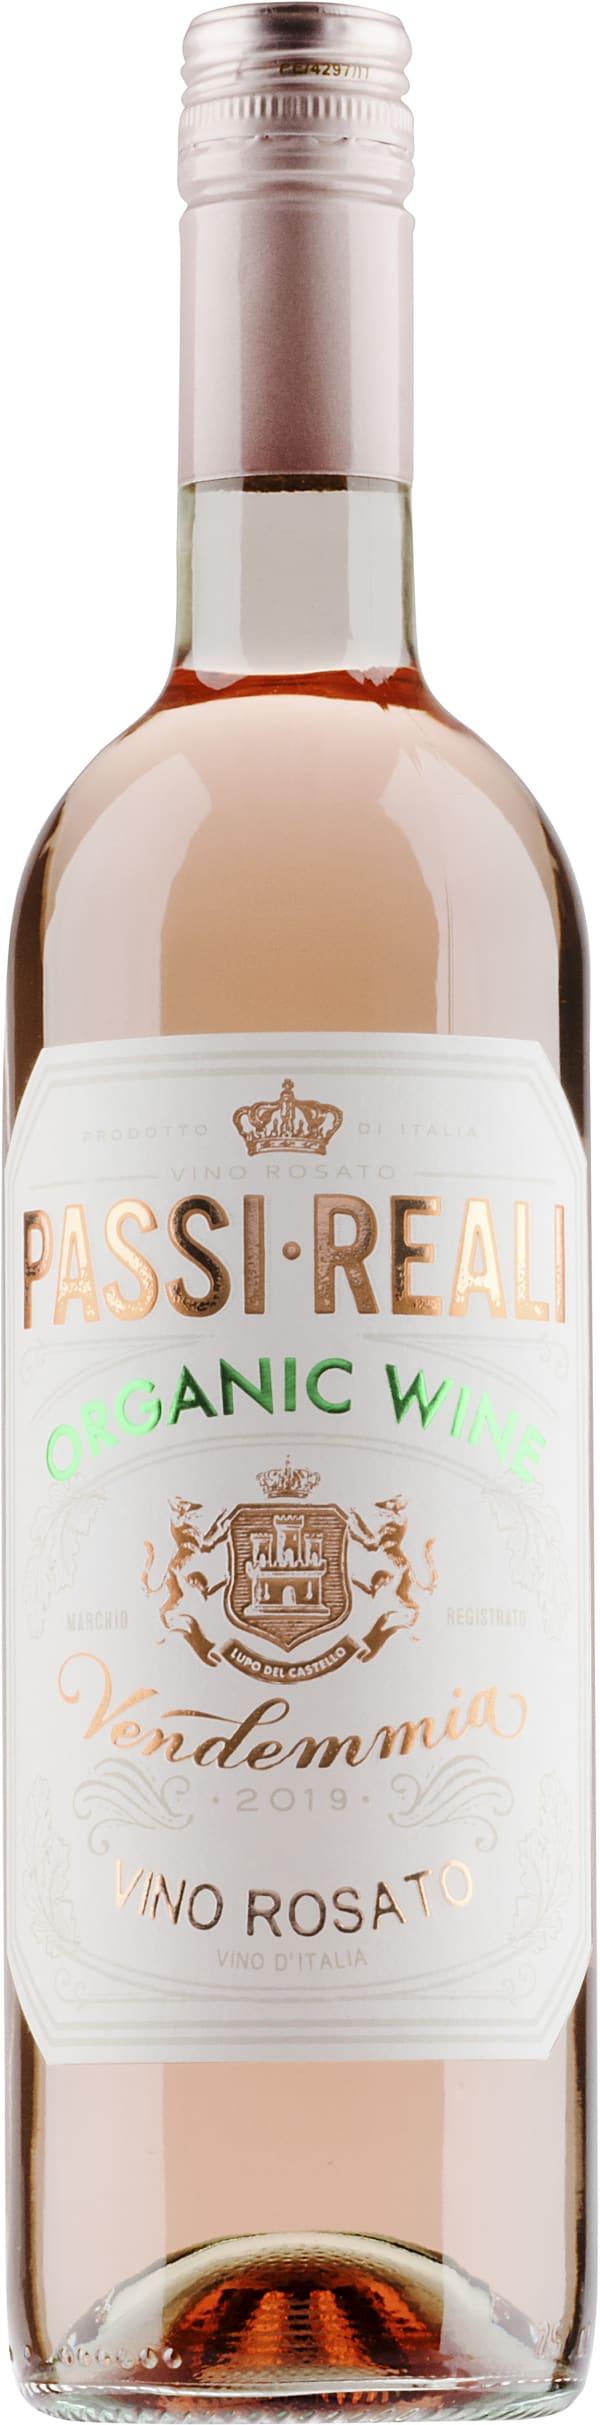 Passi Reali Rosato Organic 2019